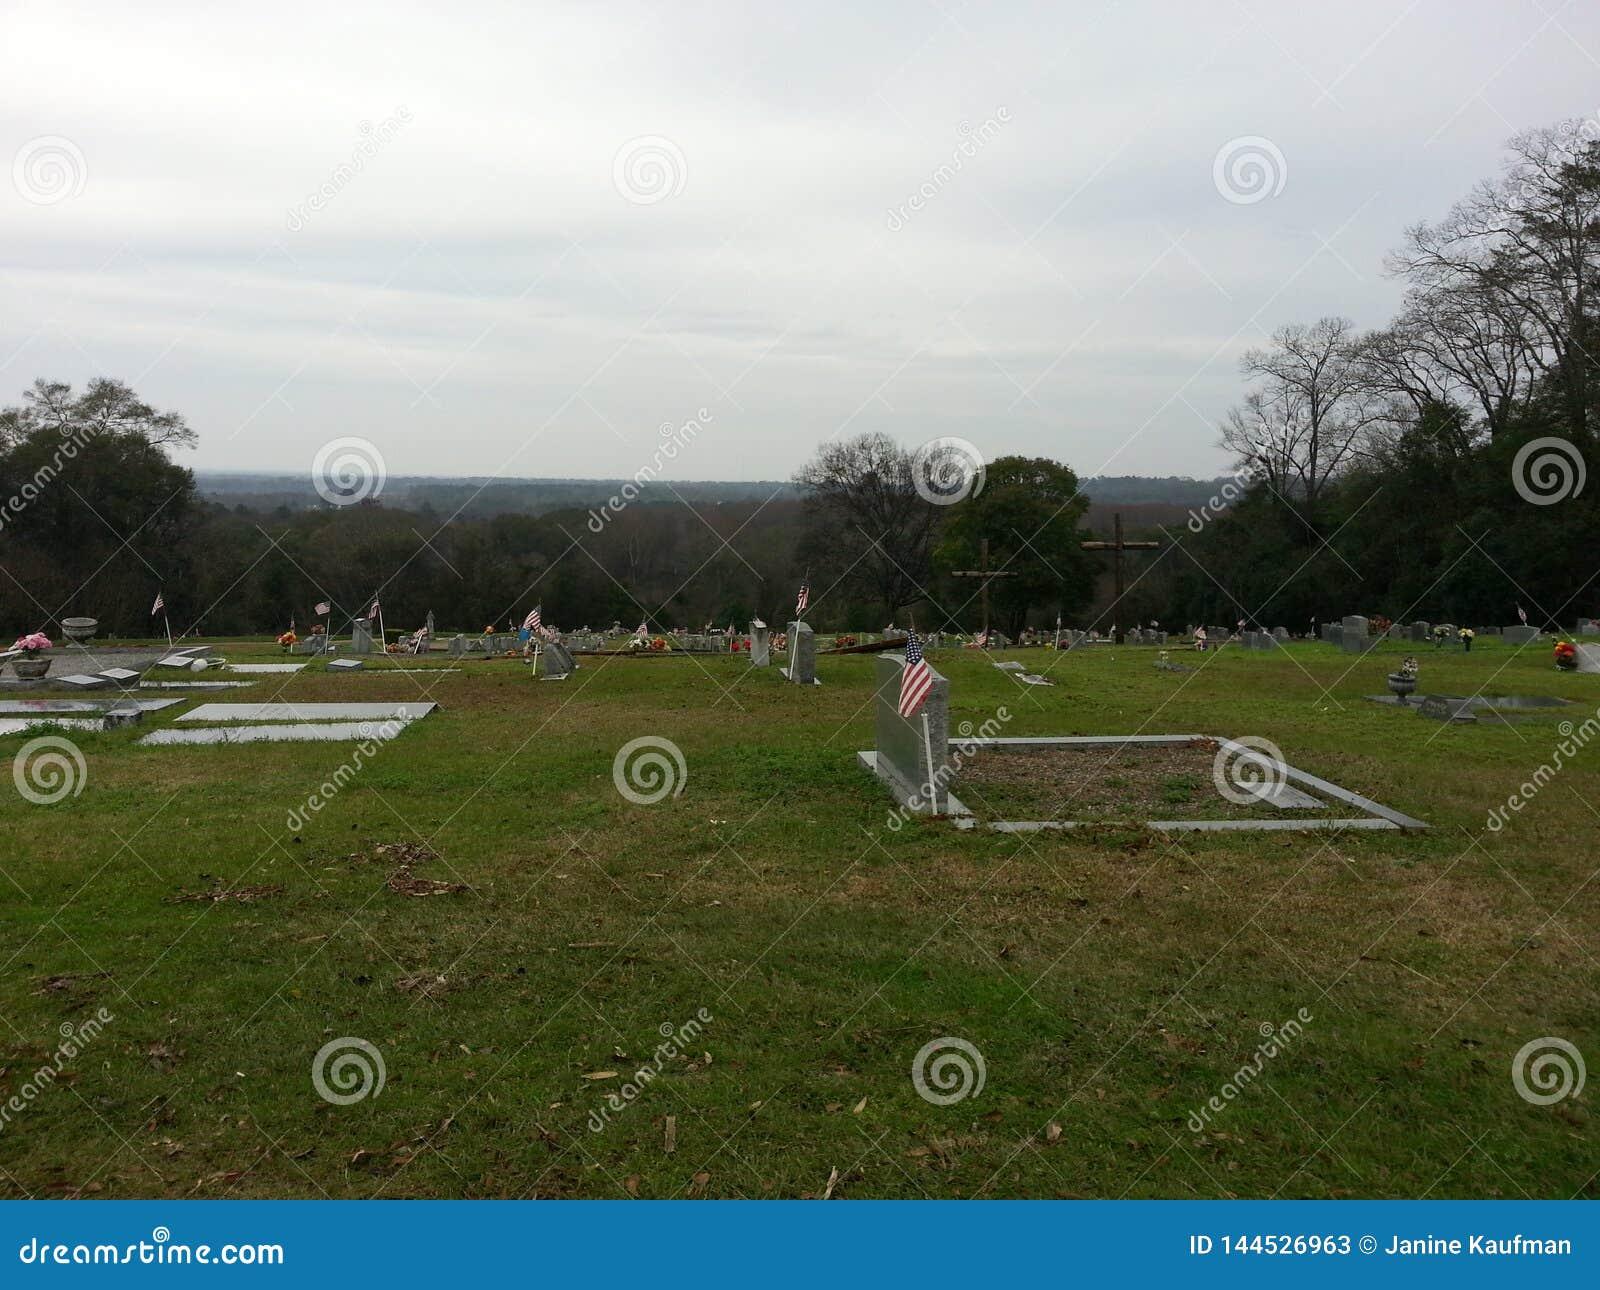 Horisont - träkors i en kyrkogård Montgomery AL